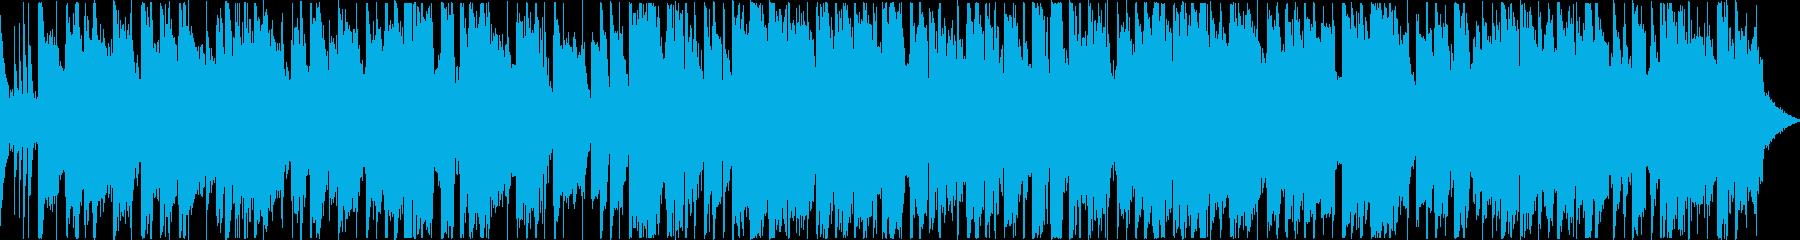 ジャズギターのスムースジャズ_ループ仕様の再生済みの波形